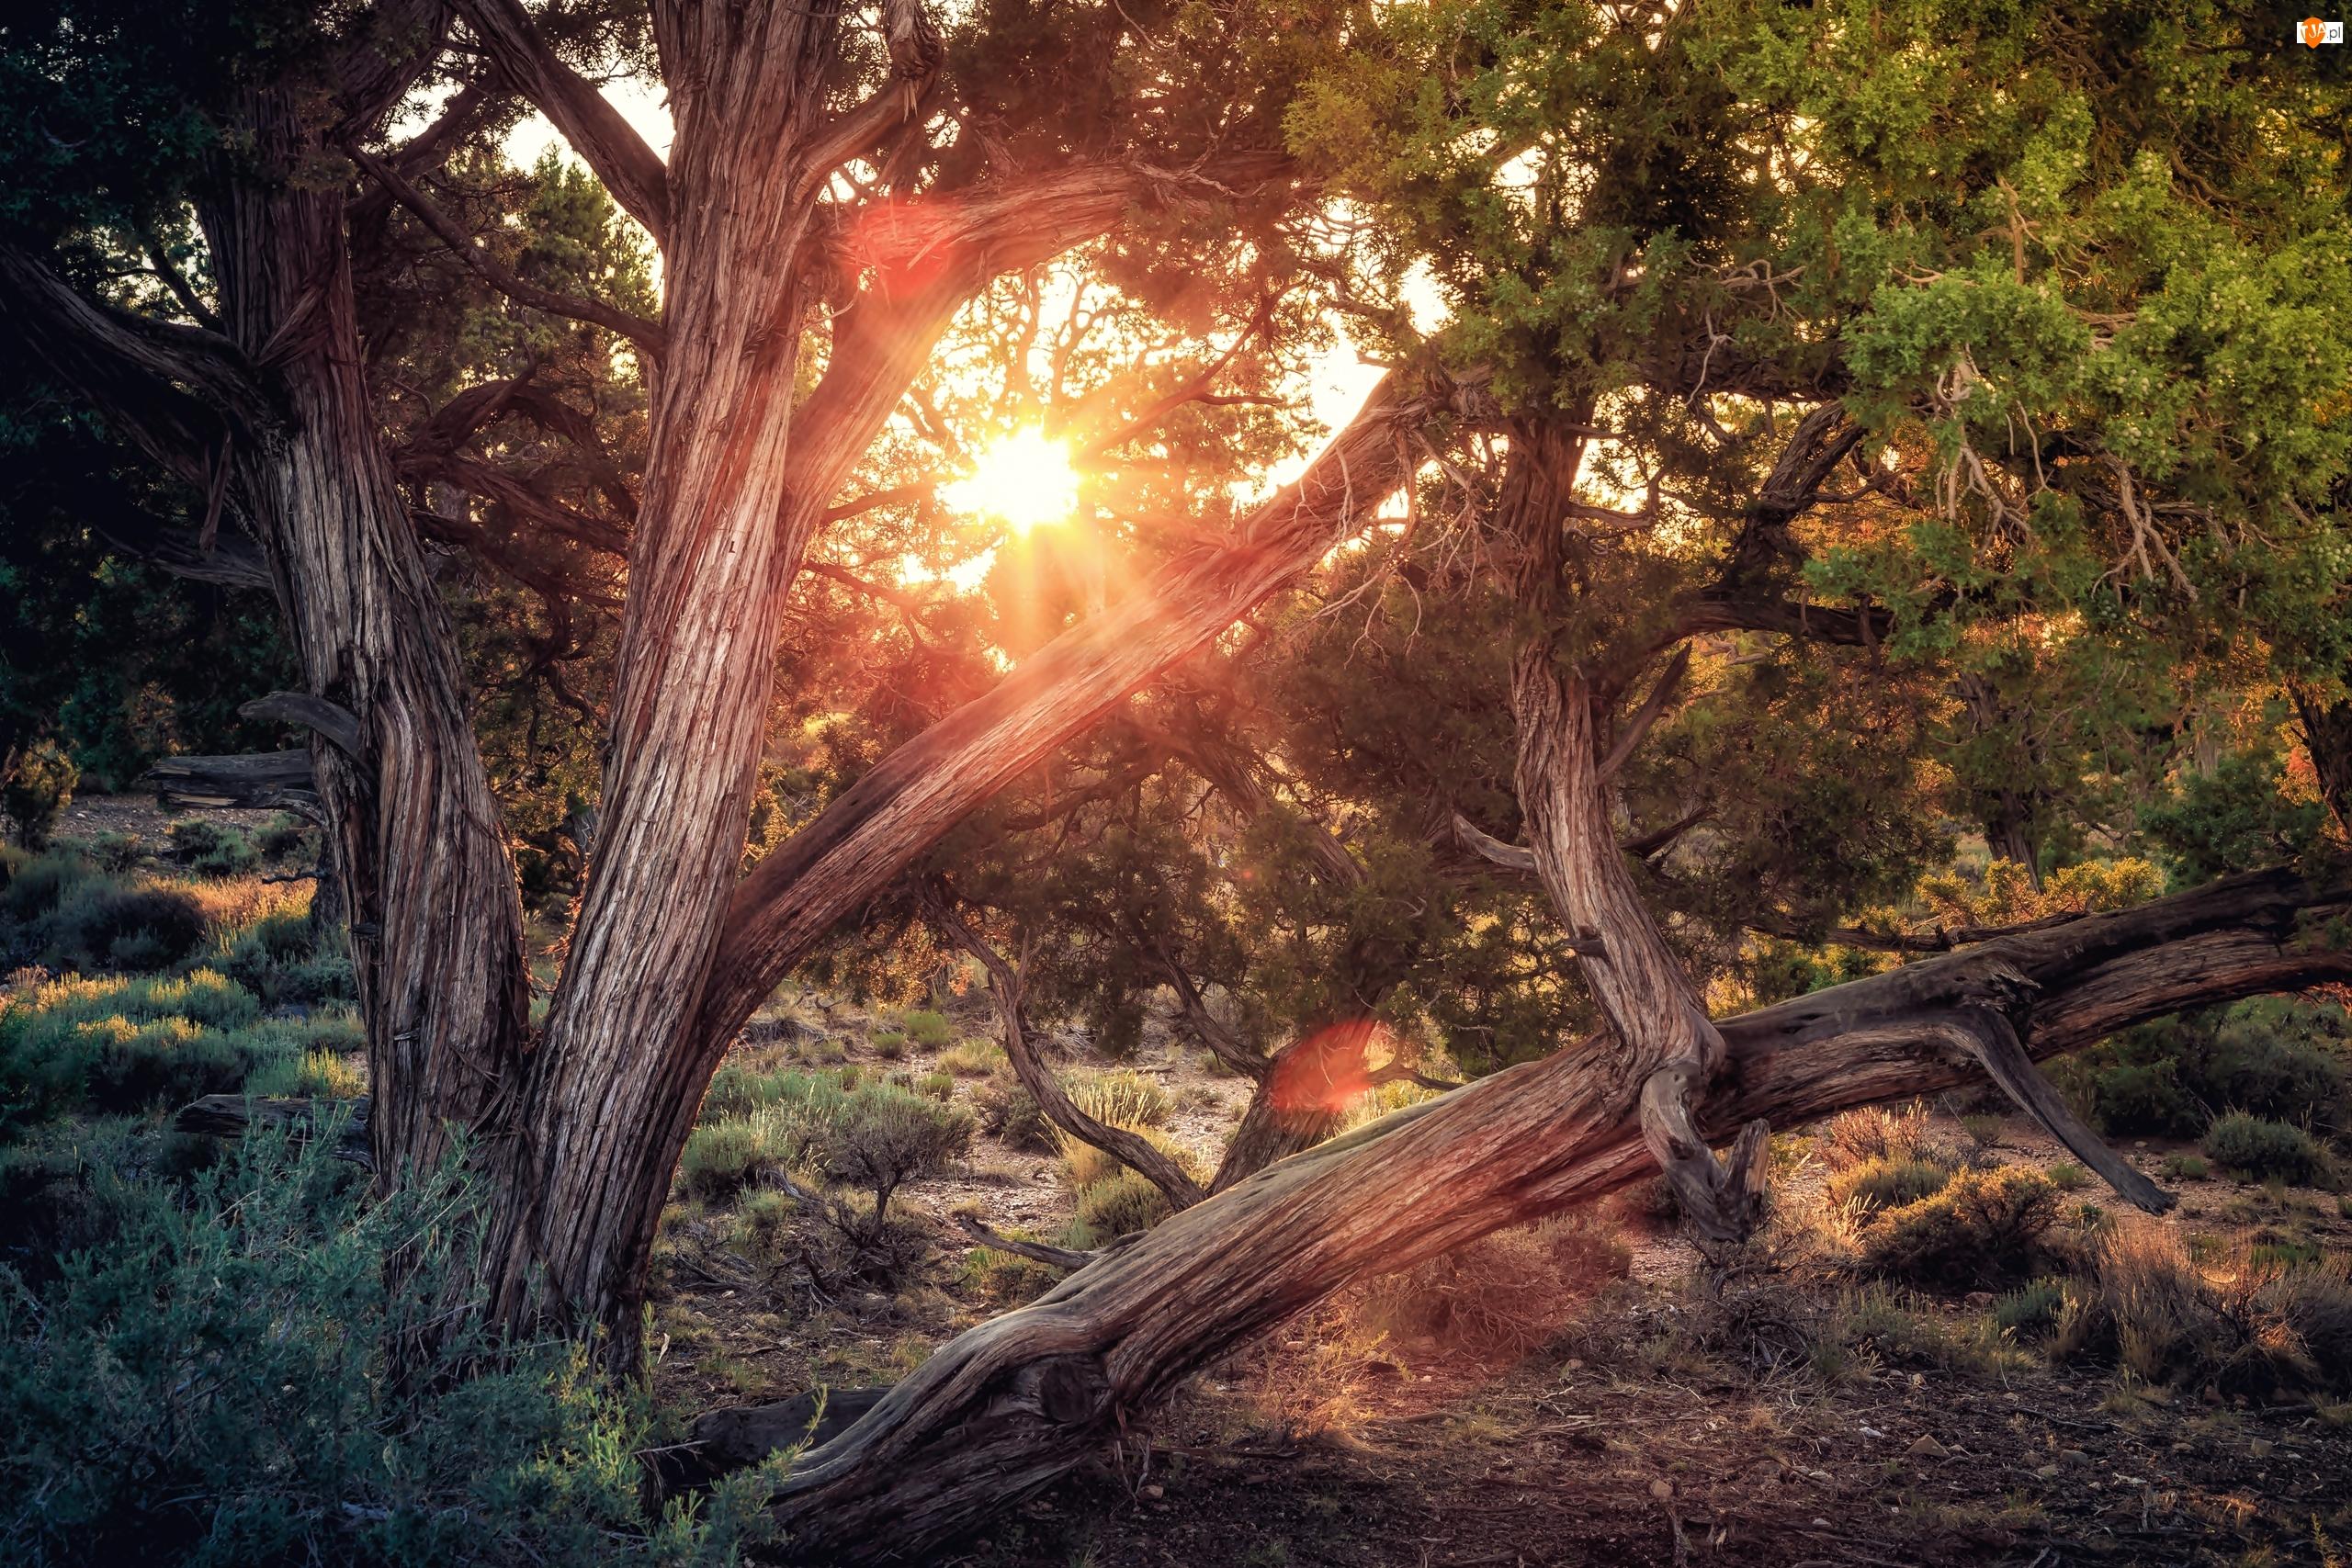 Drzewa, Las, Konary, Promienie słońca